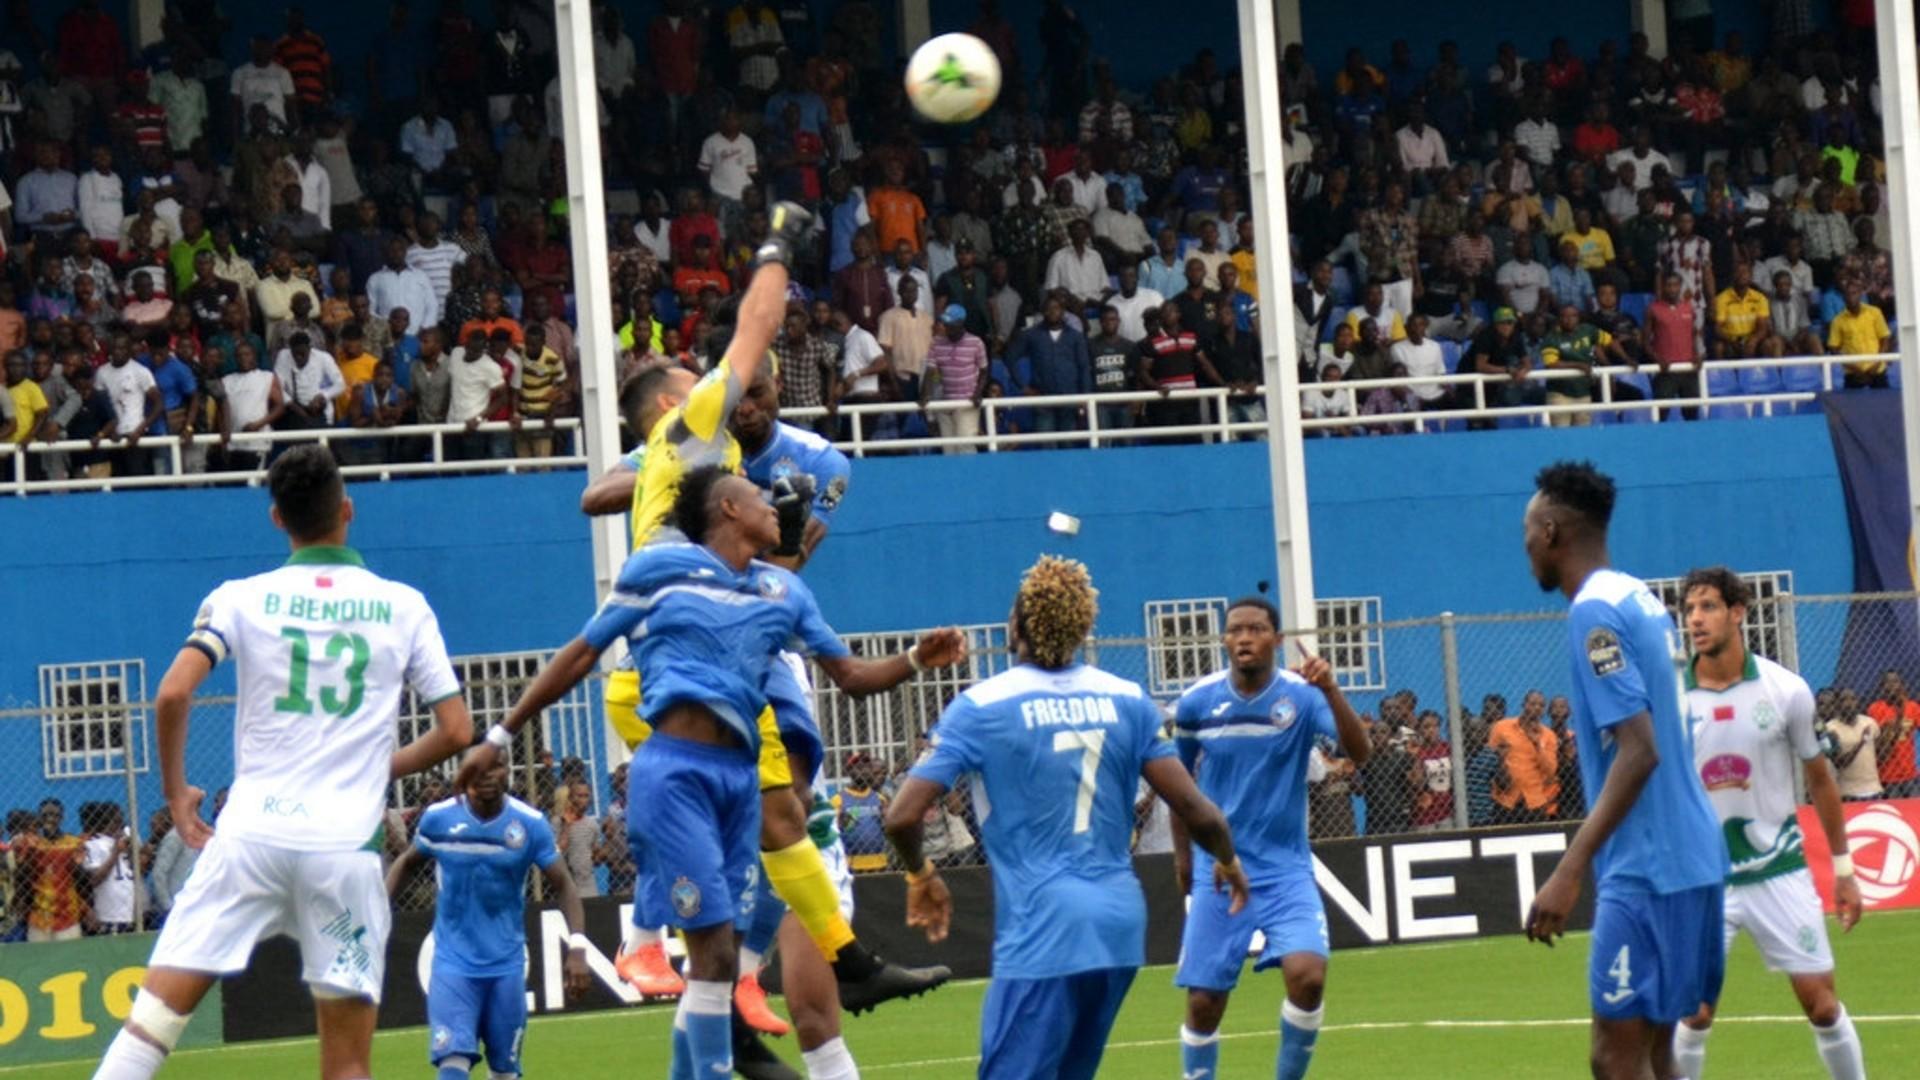 NPFL final day: Enyimba, Kwara United seal Caf slots as Kano Pillars and Nasarawa United stumble